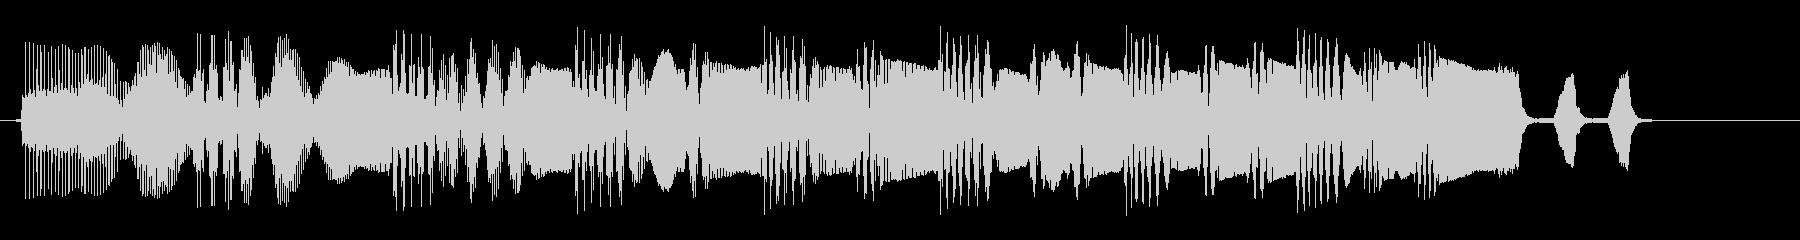 プェプェプェプェ(上がる)の未再生の波形